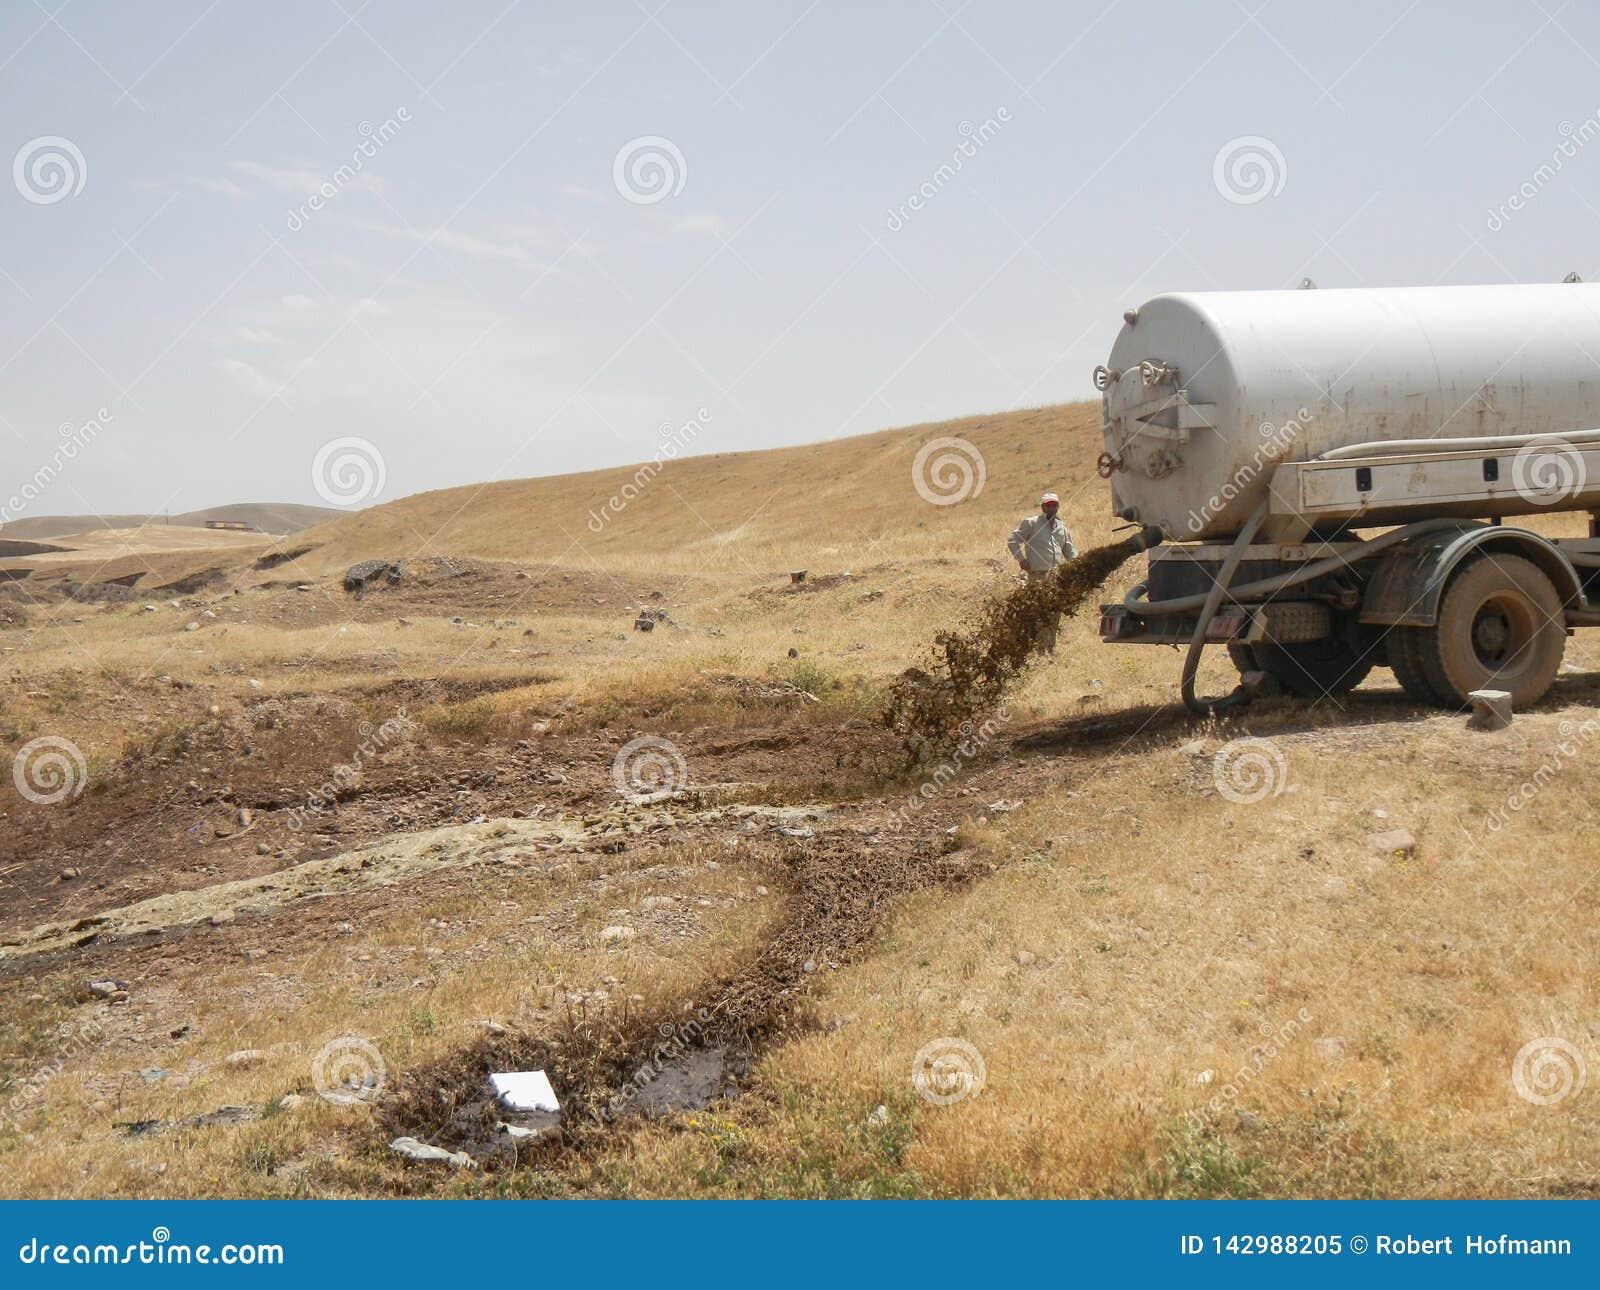 21 05 2017, пустыня вне лагеря Kawergosk, Ирака : Тележка нечистот сбрасывает свою нагрузку вне лагеря беженцев Kawergosk внутри